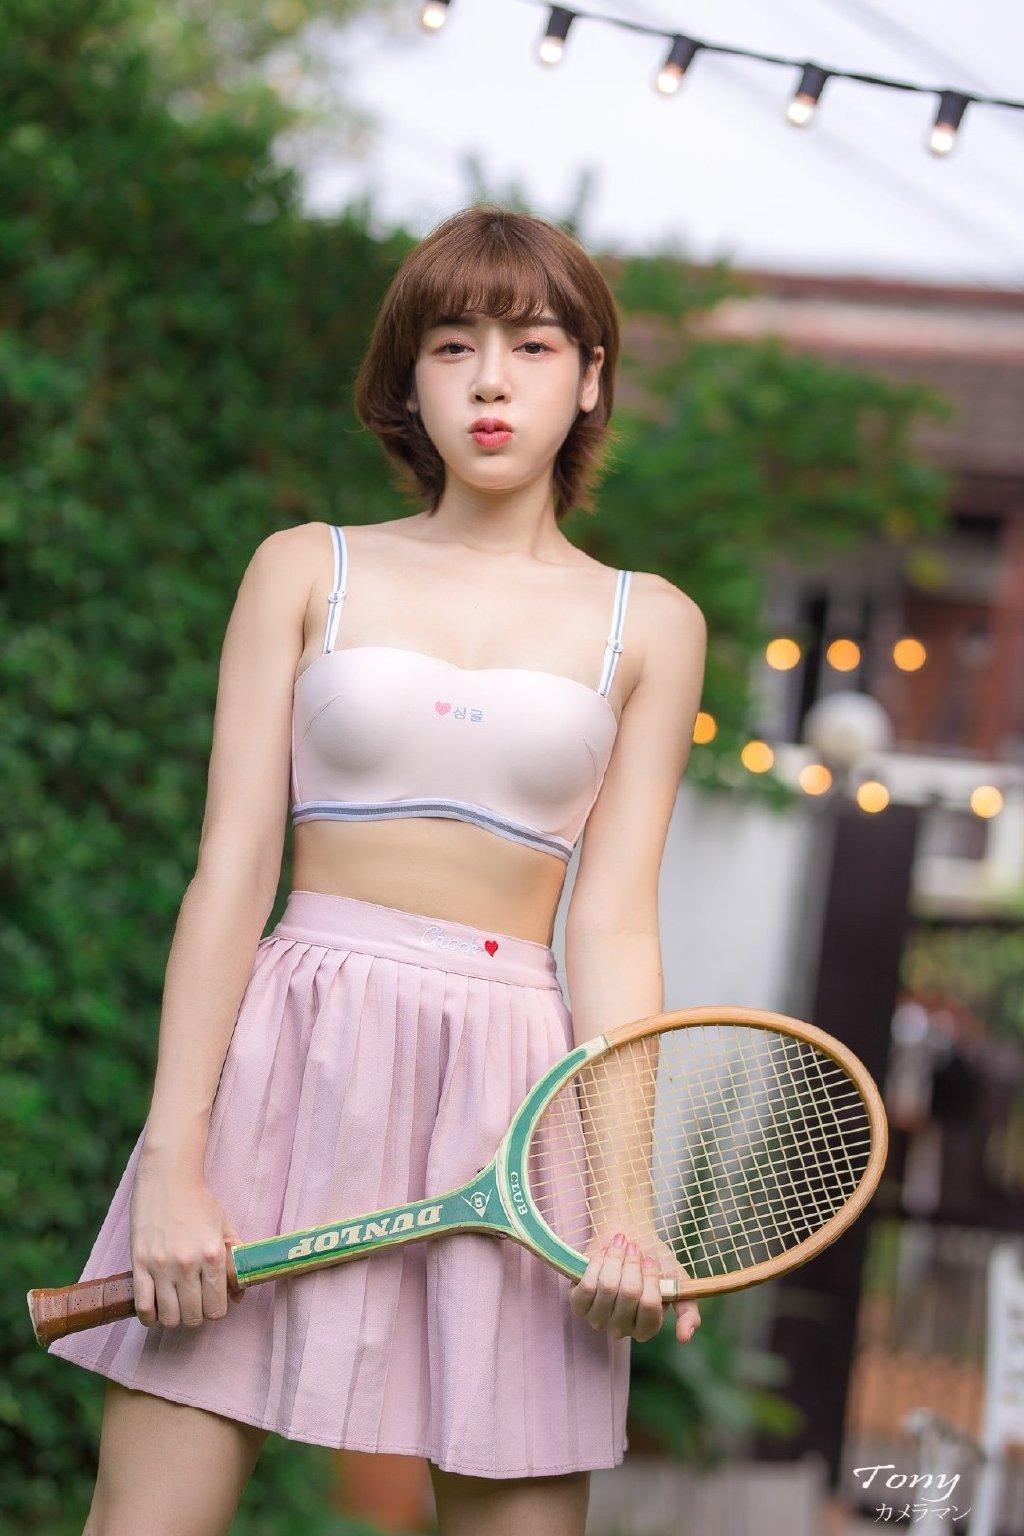 教练我想打网球 涨姿势 第1张